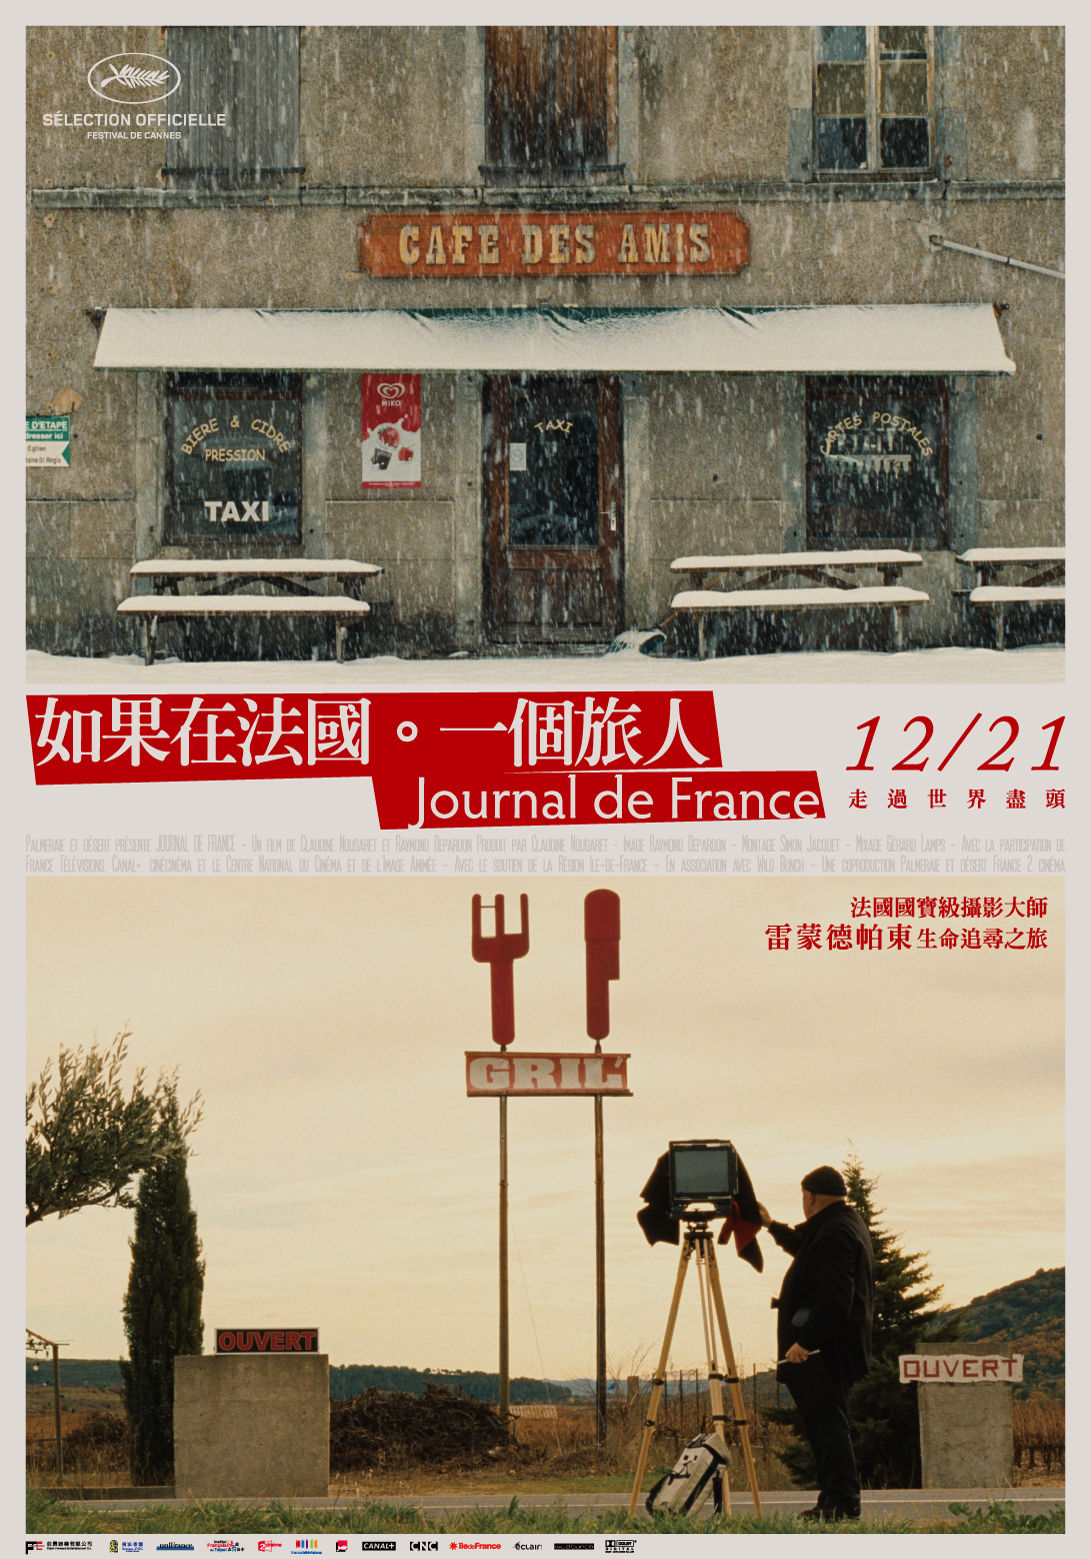 《如果在法國。一個旅人》中文海報(小檔)